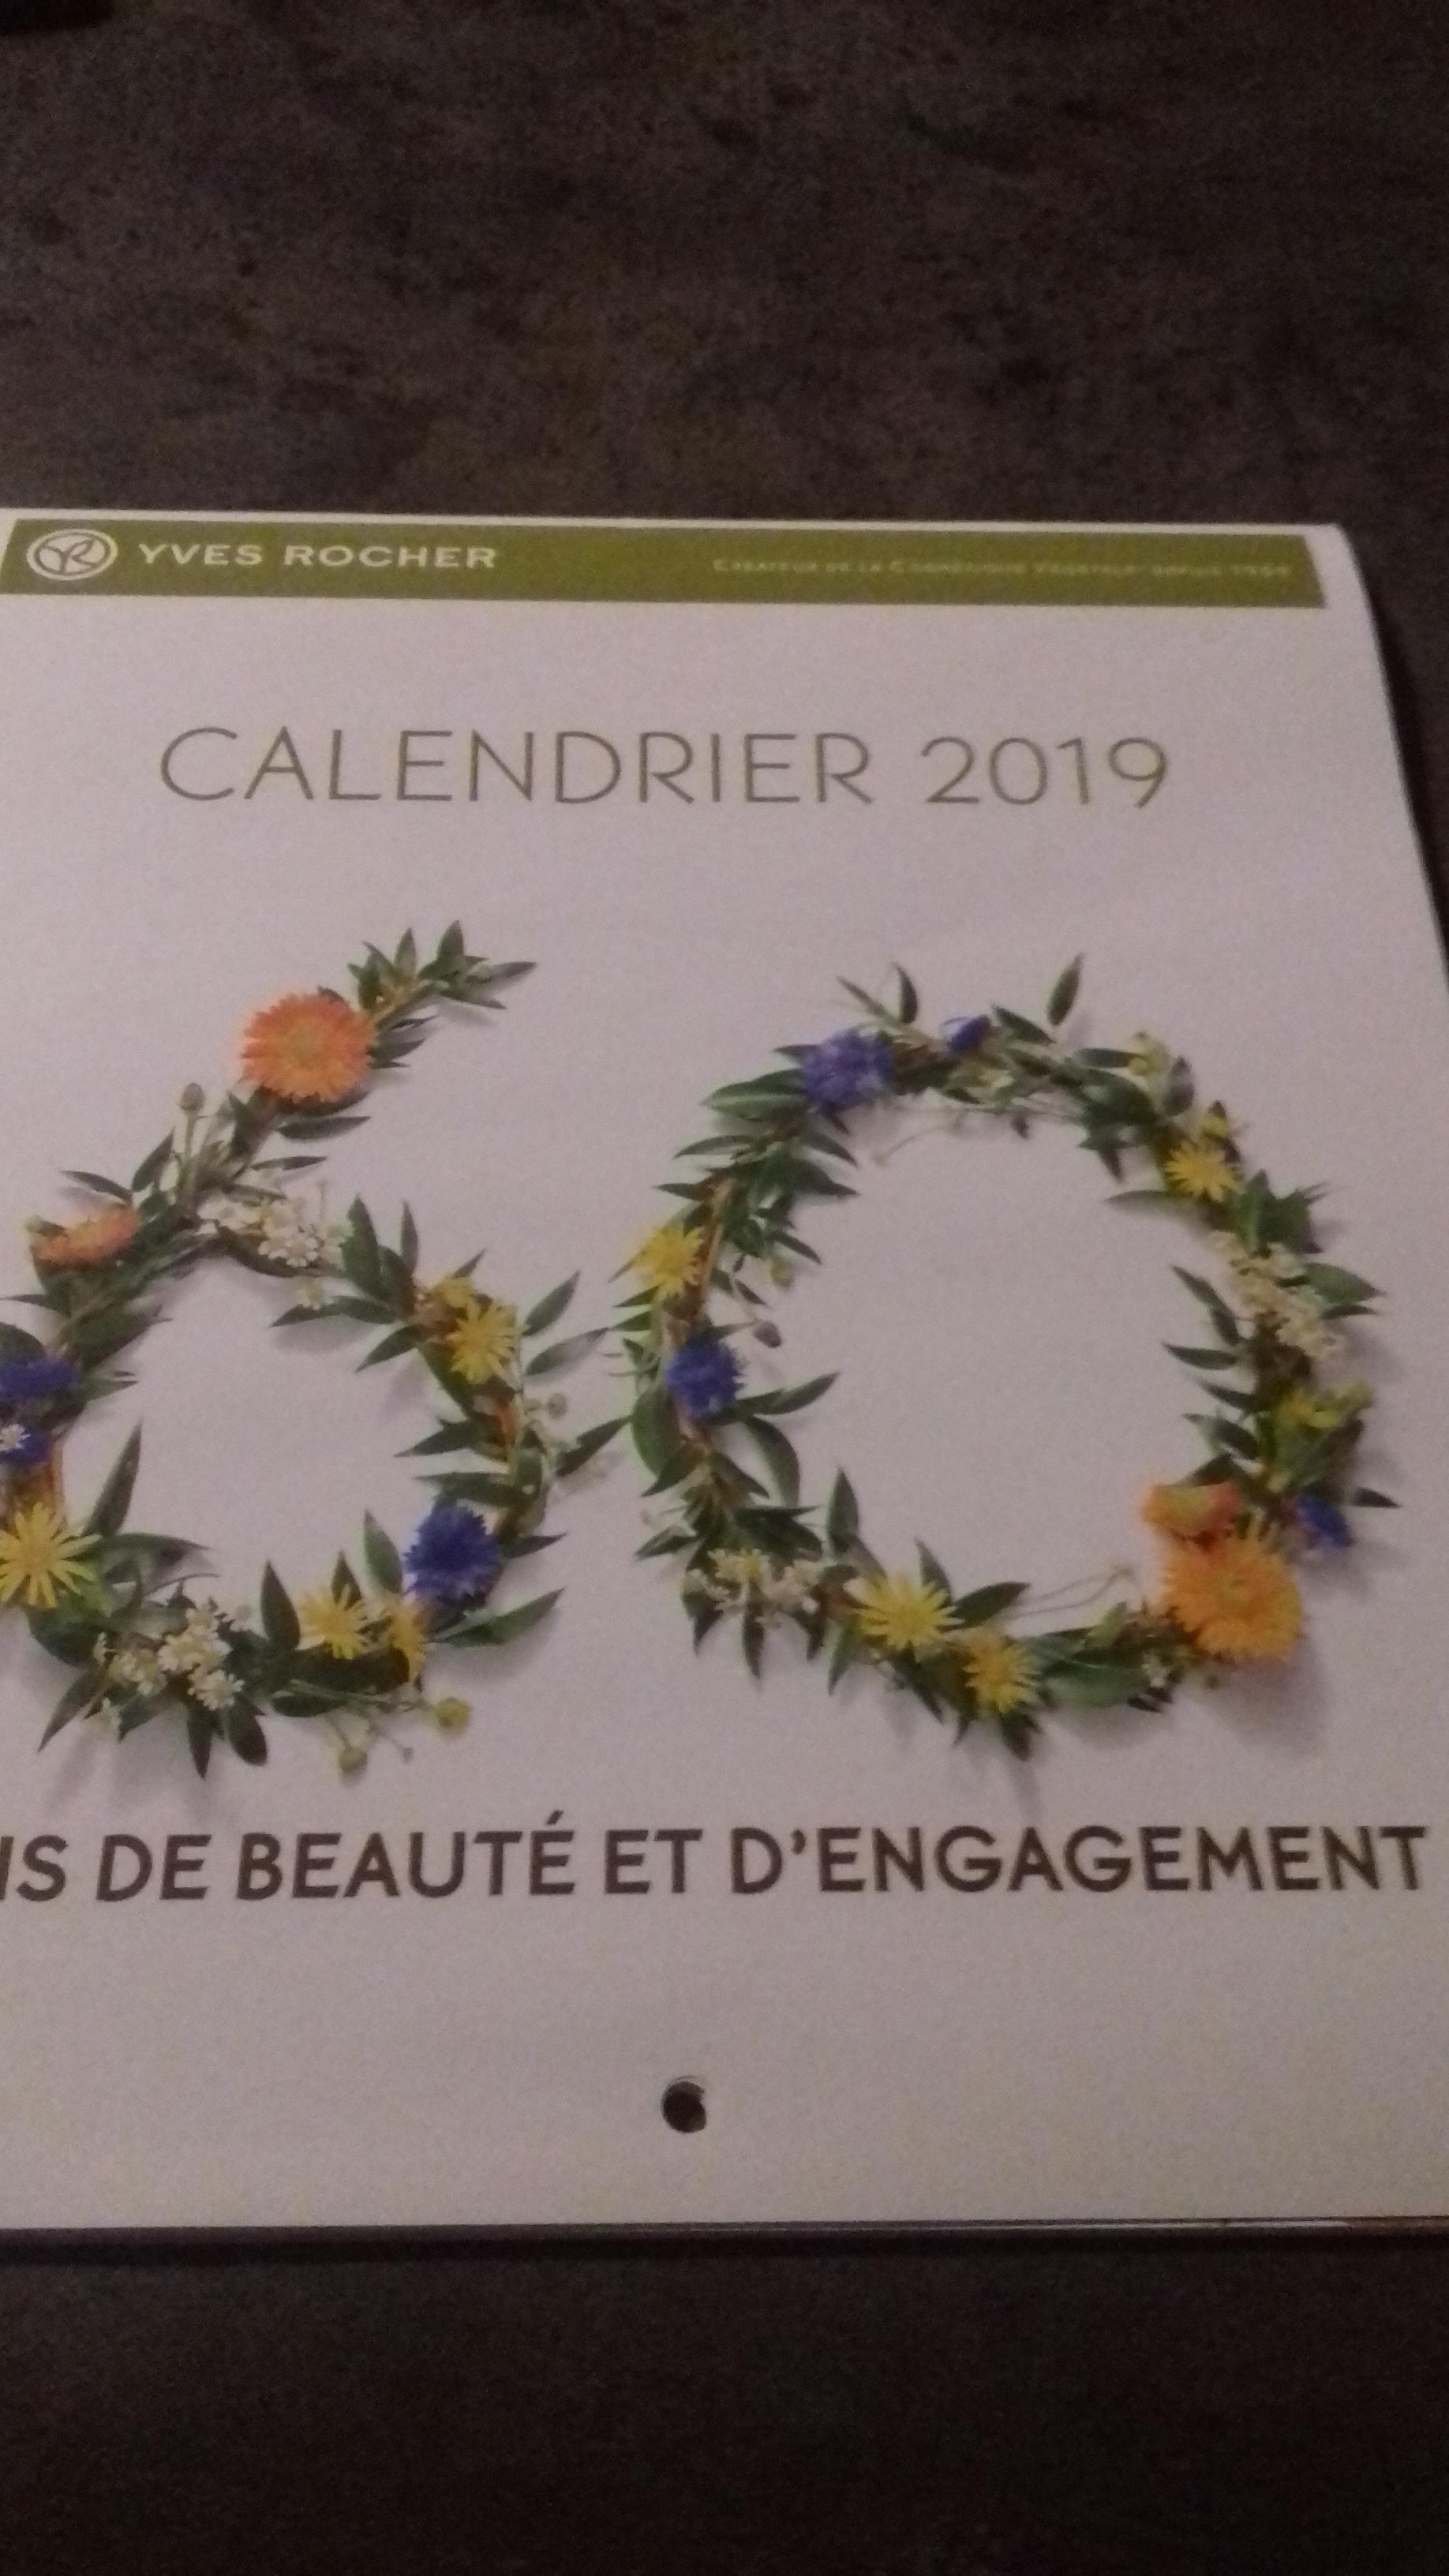 troc de troc calendrier 2019 image 0